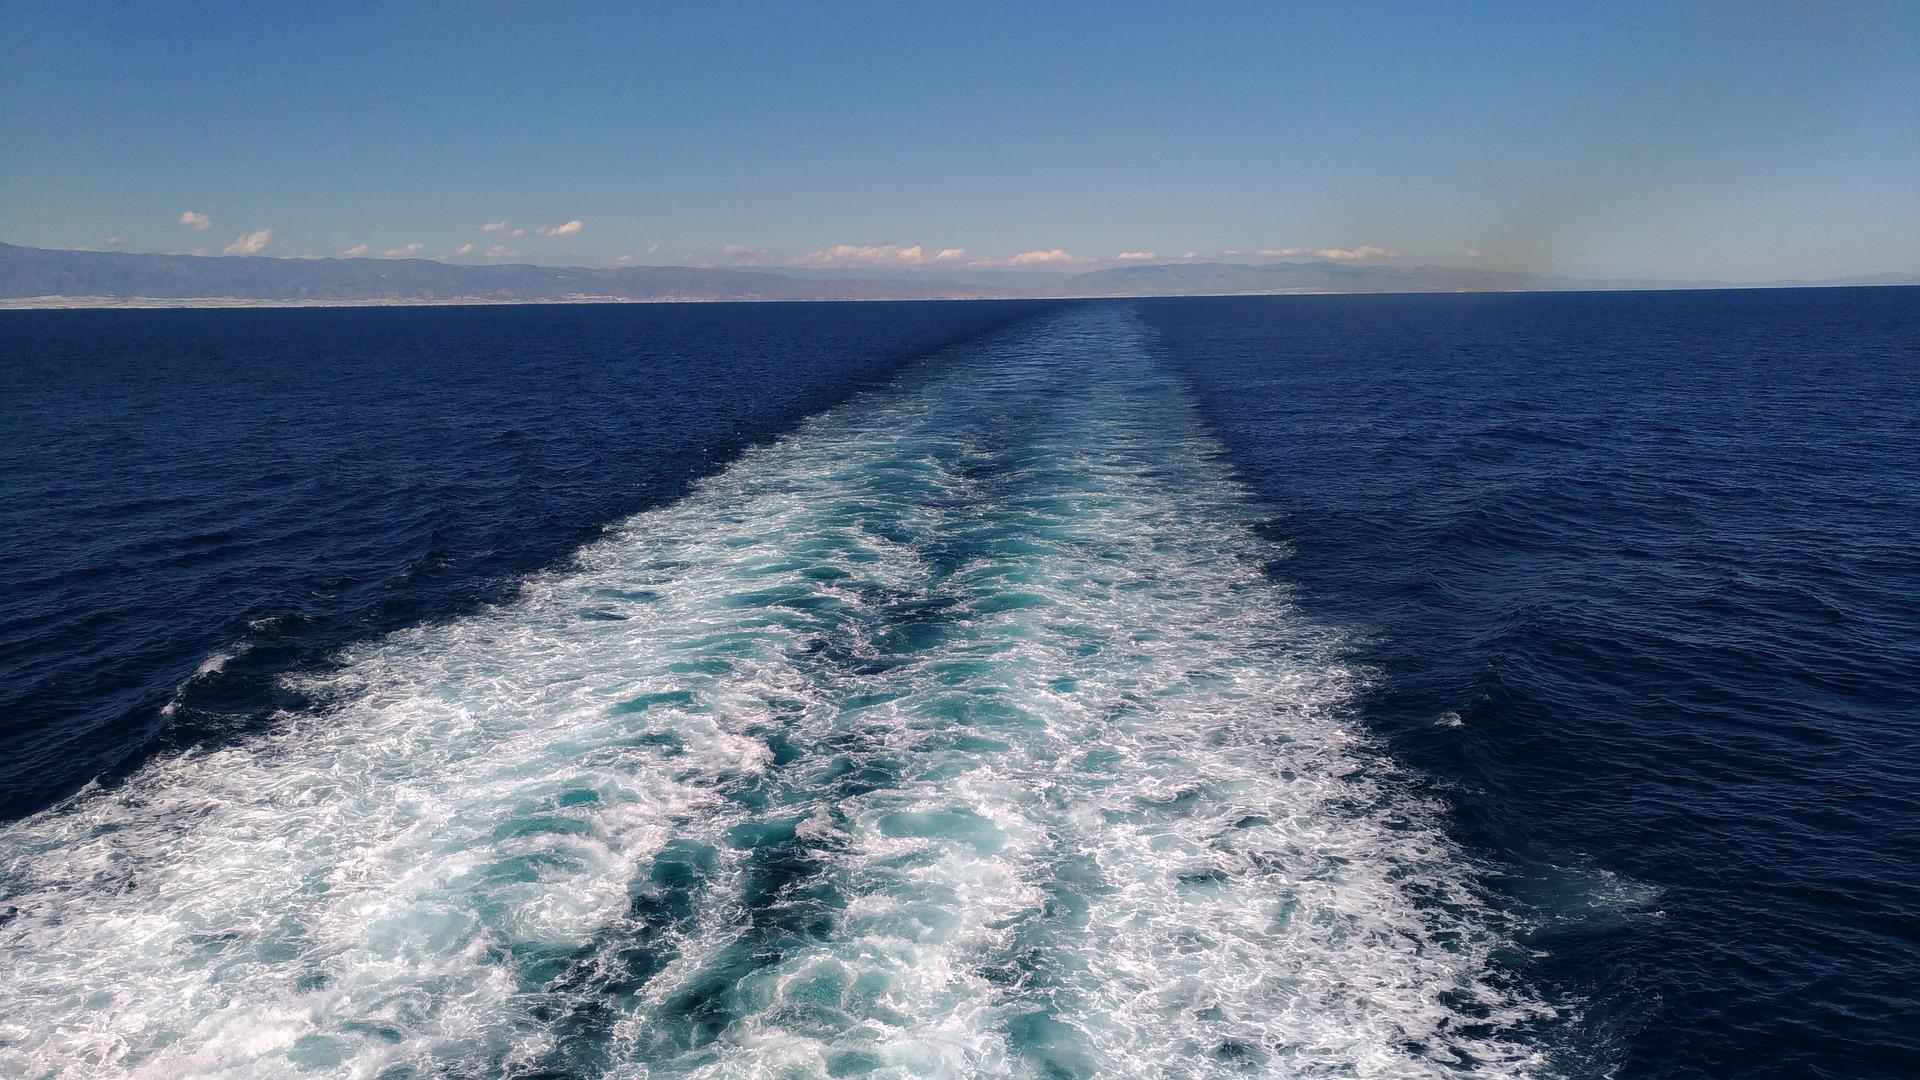 встреча двух океанов фото фильме все будет